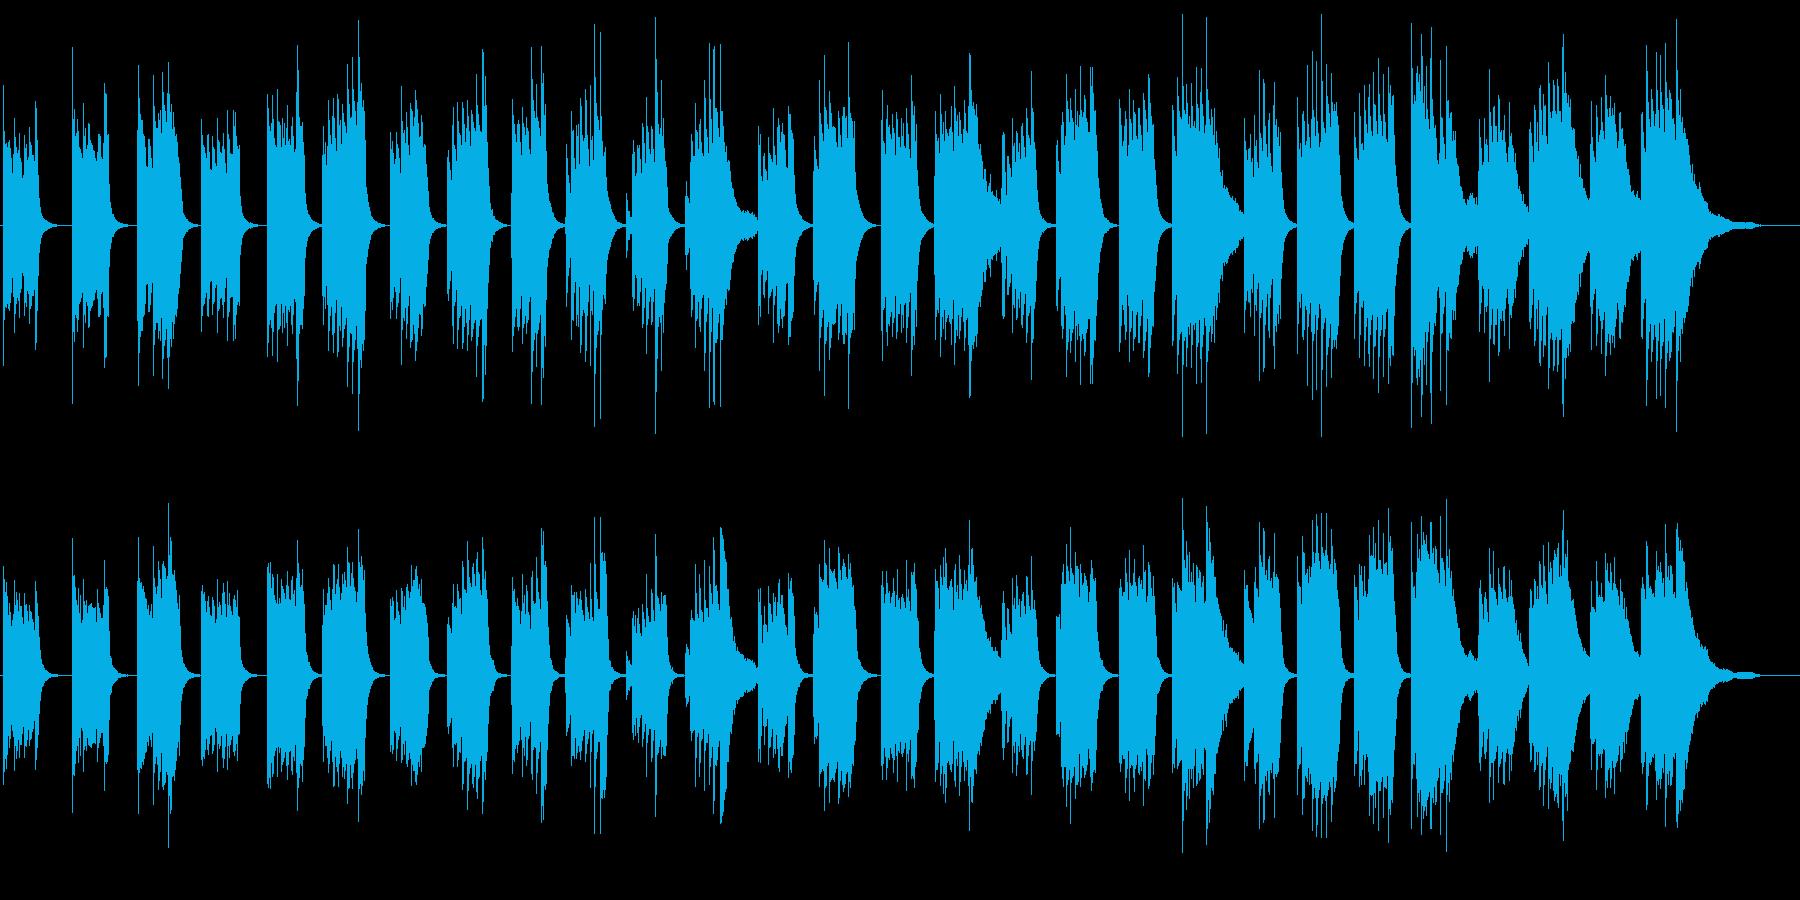 不気味さを感じさせるピアノソロ曲の再生済みの波形